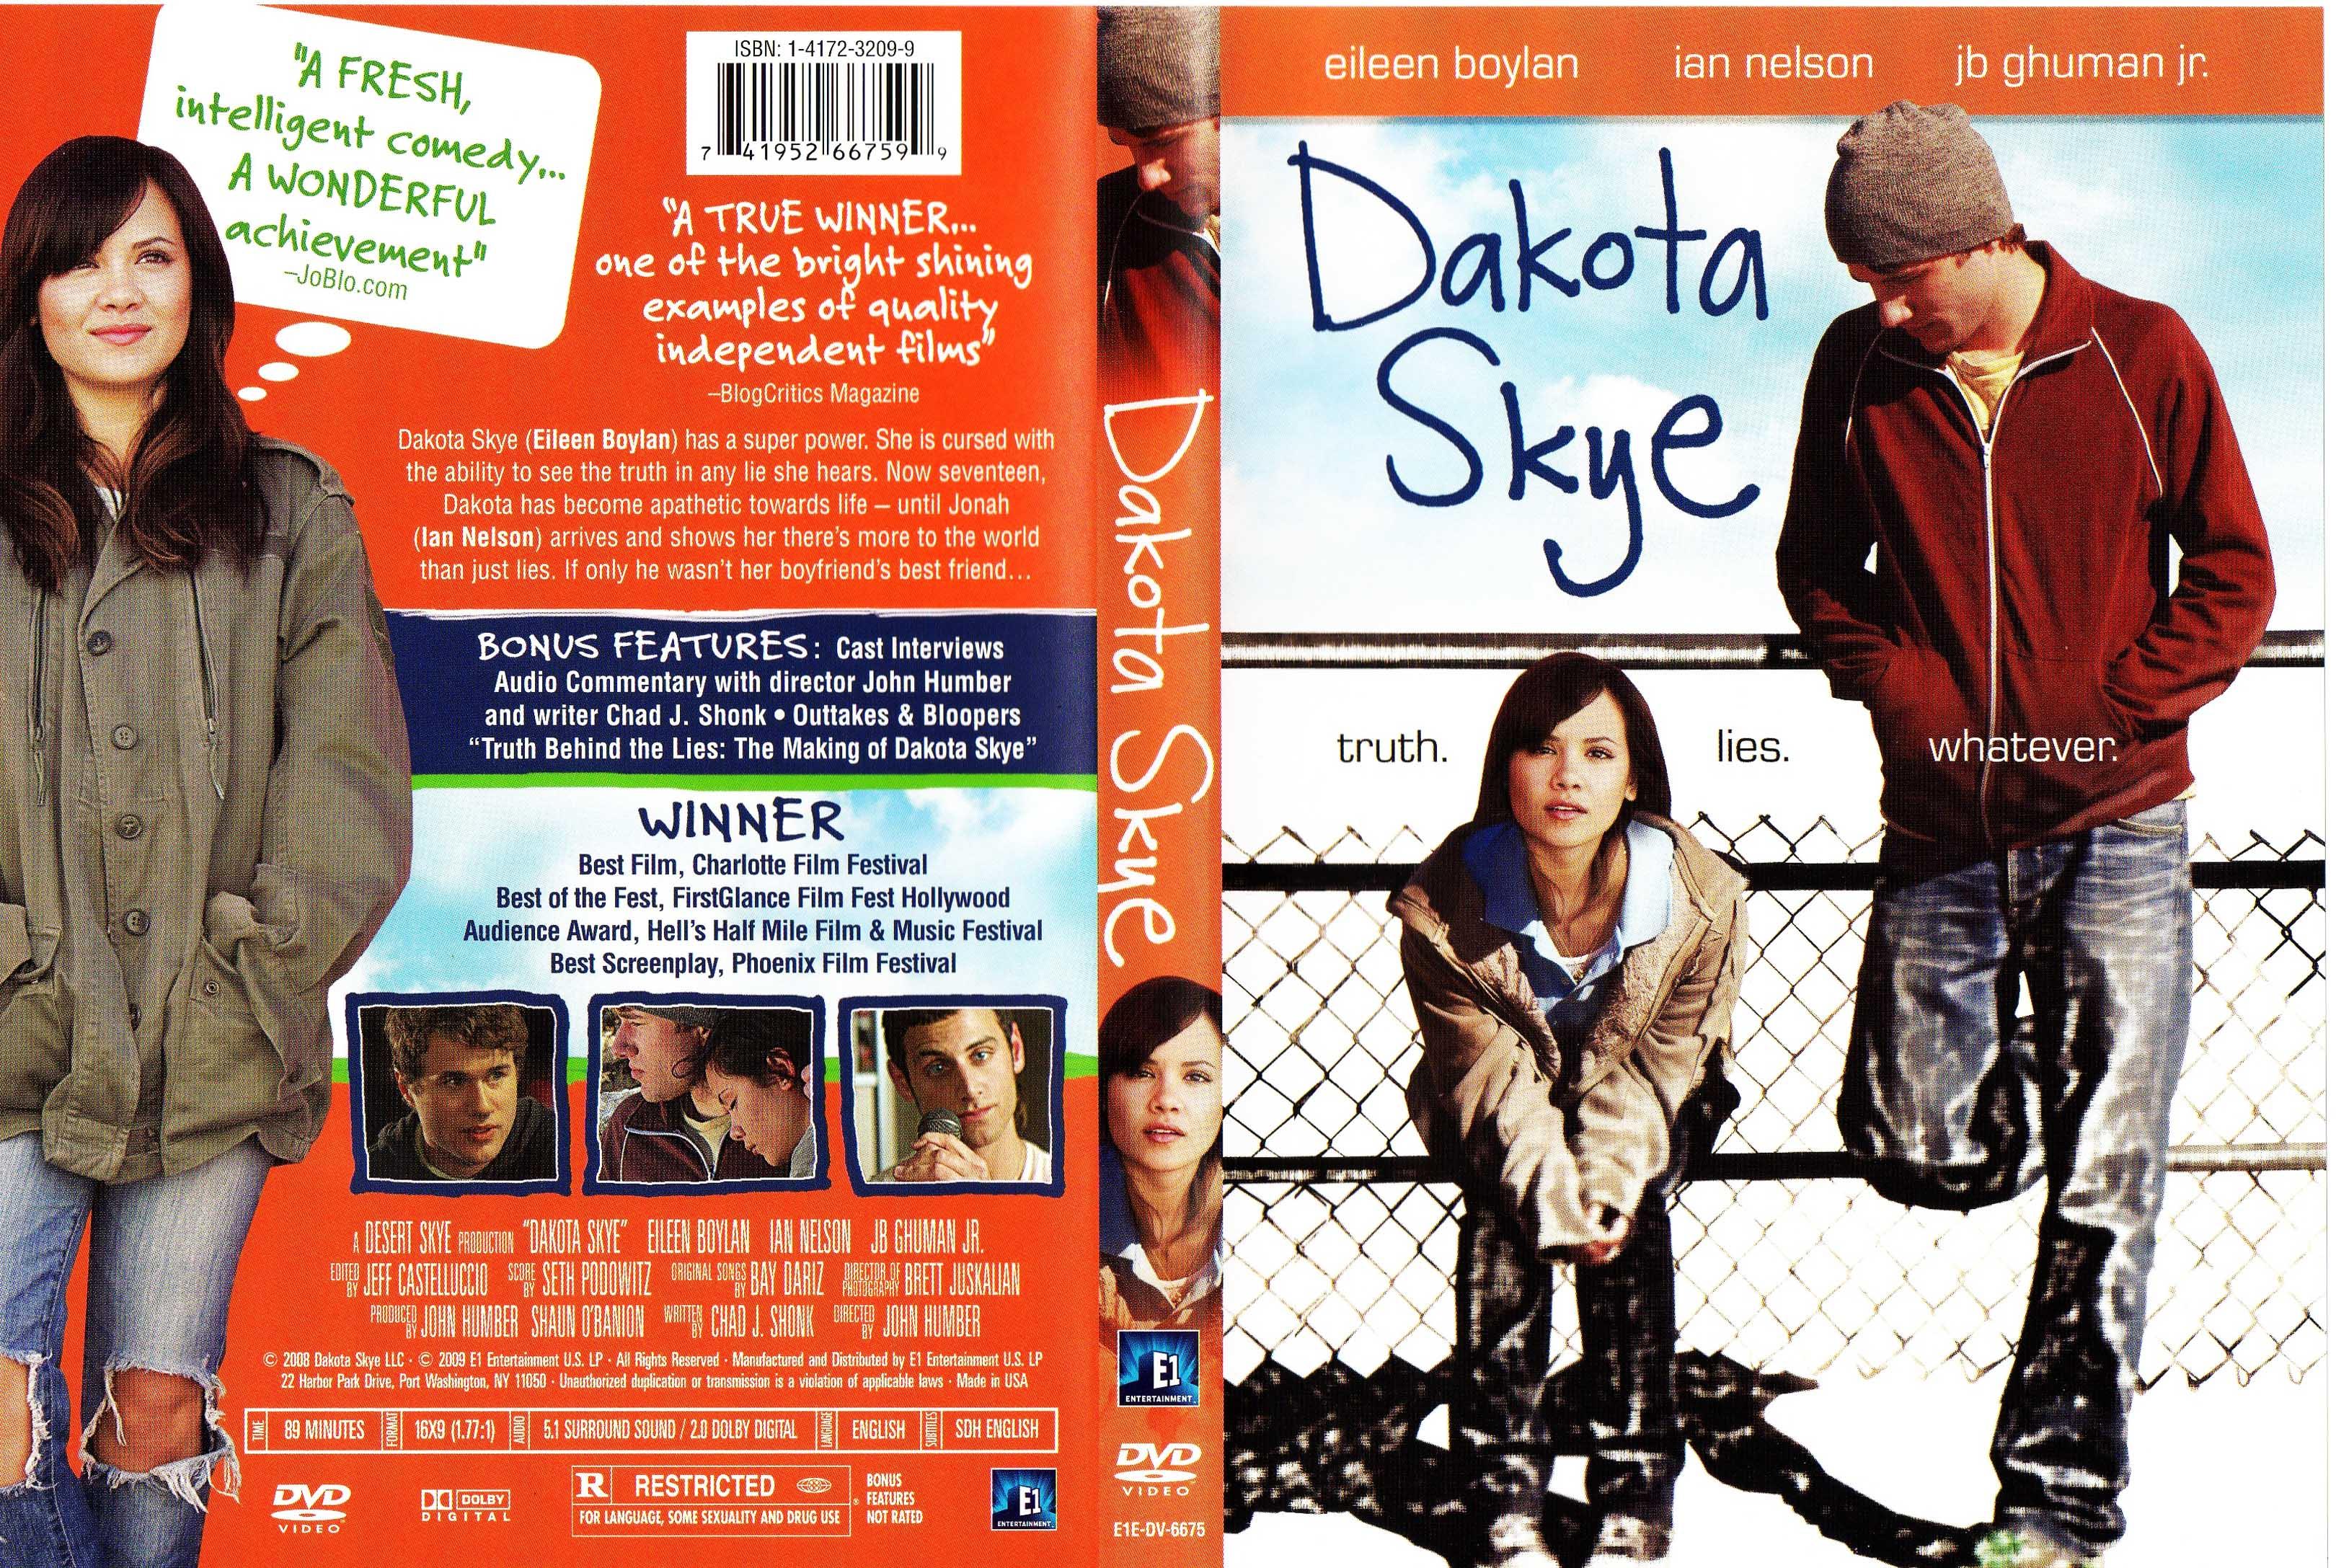 DakotaSkye